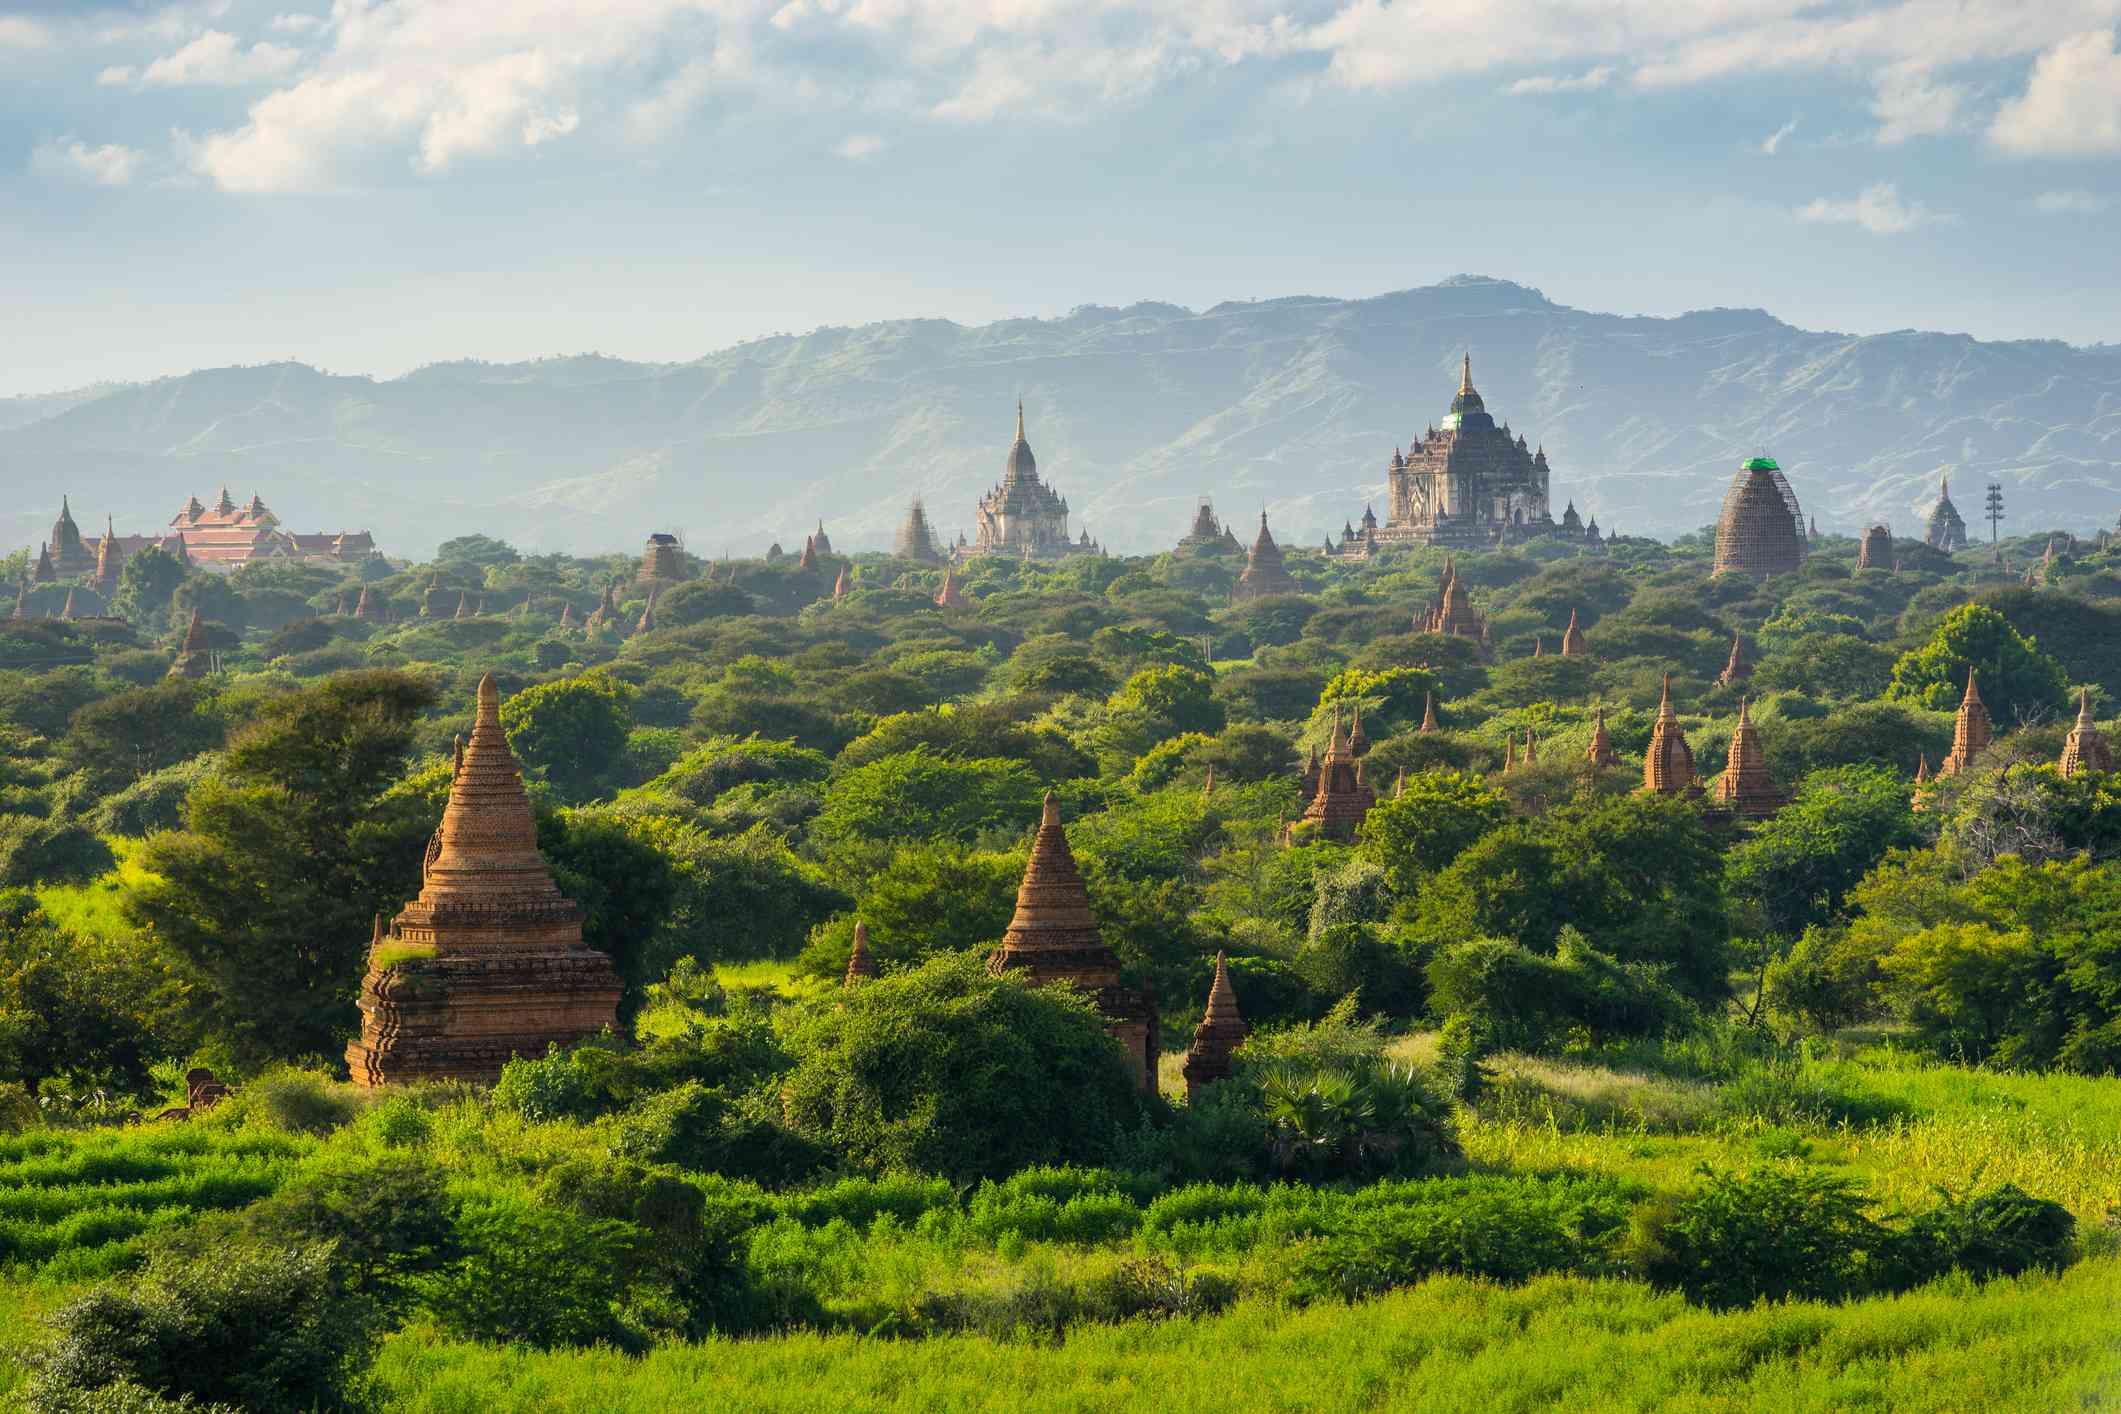 Bagan Temples in Bagan, Myanmar